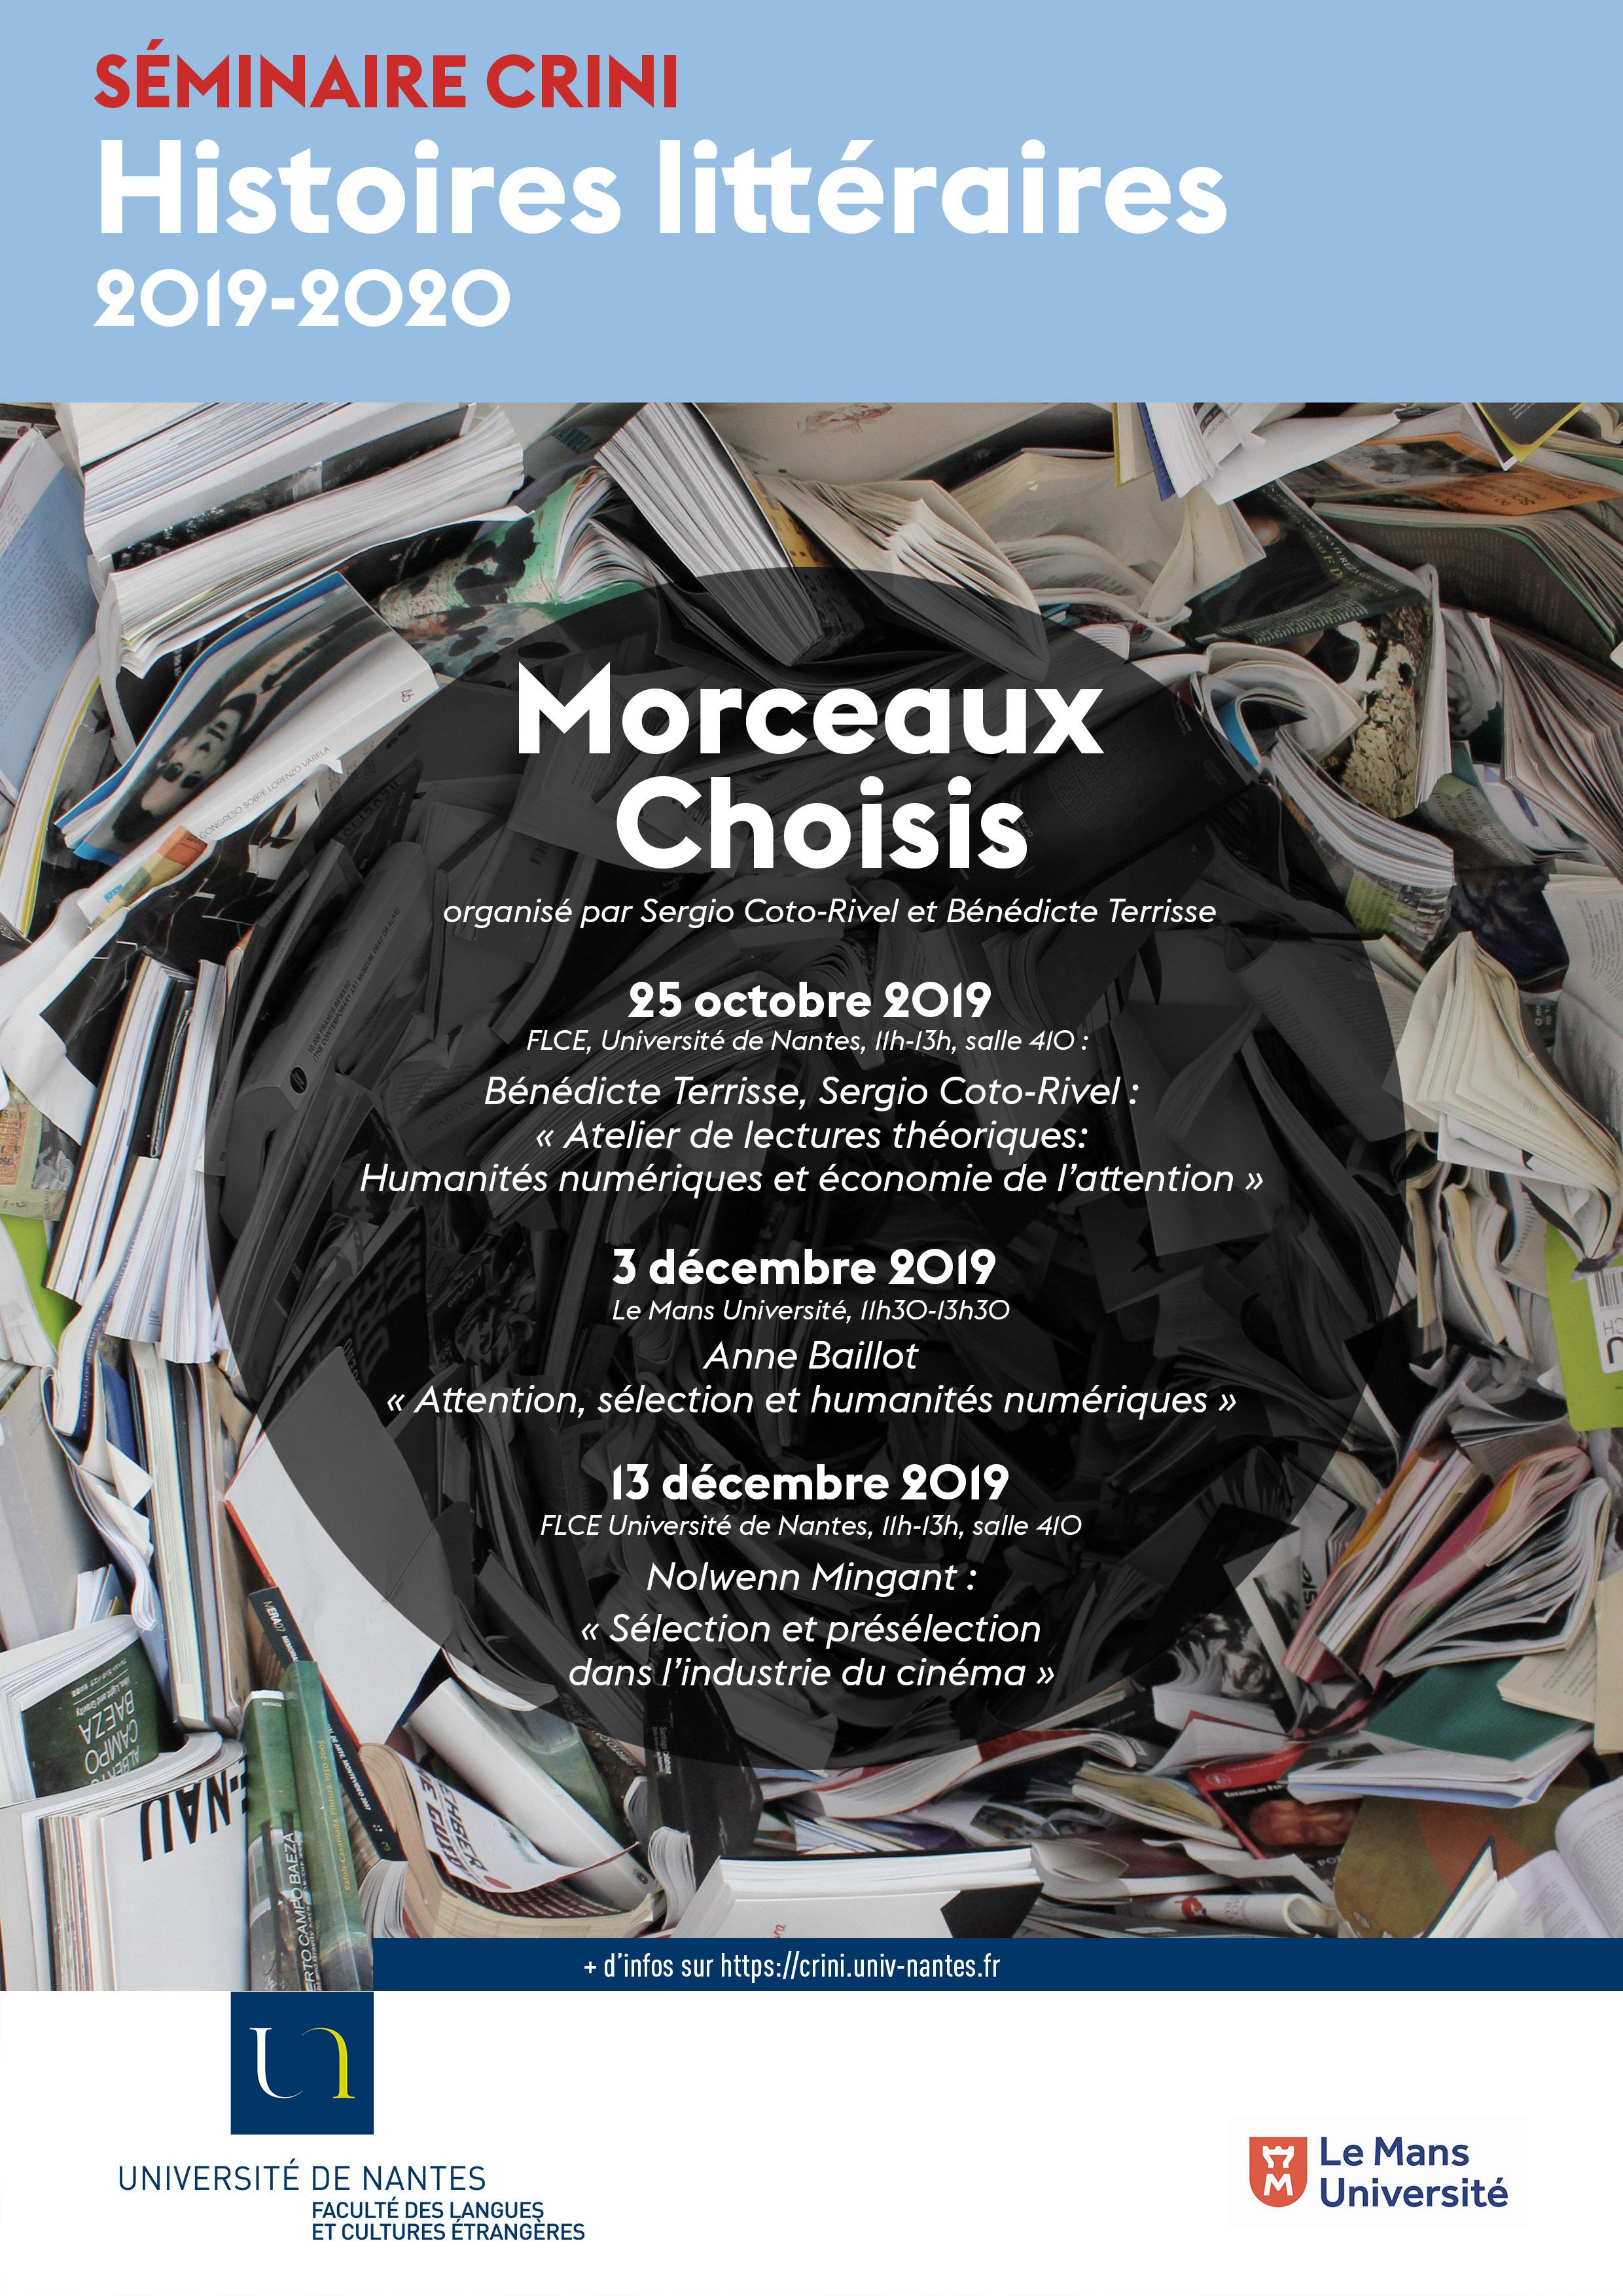 séminaire crini morceaux choisis histoires littéraires flce